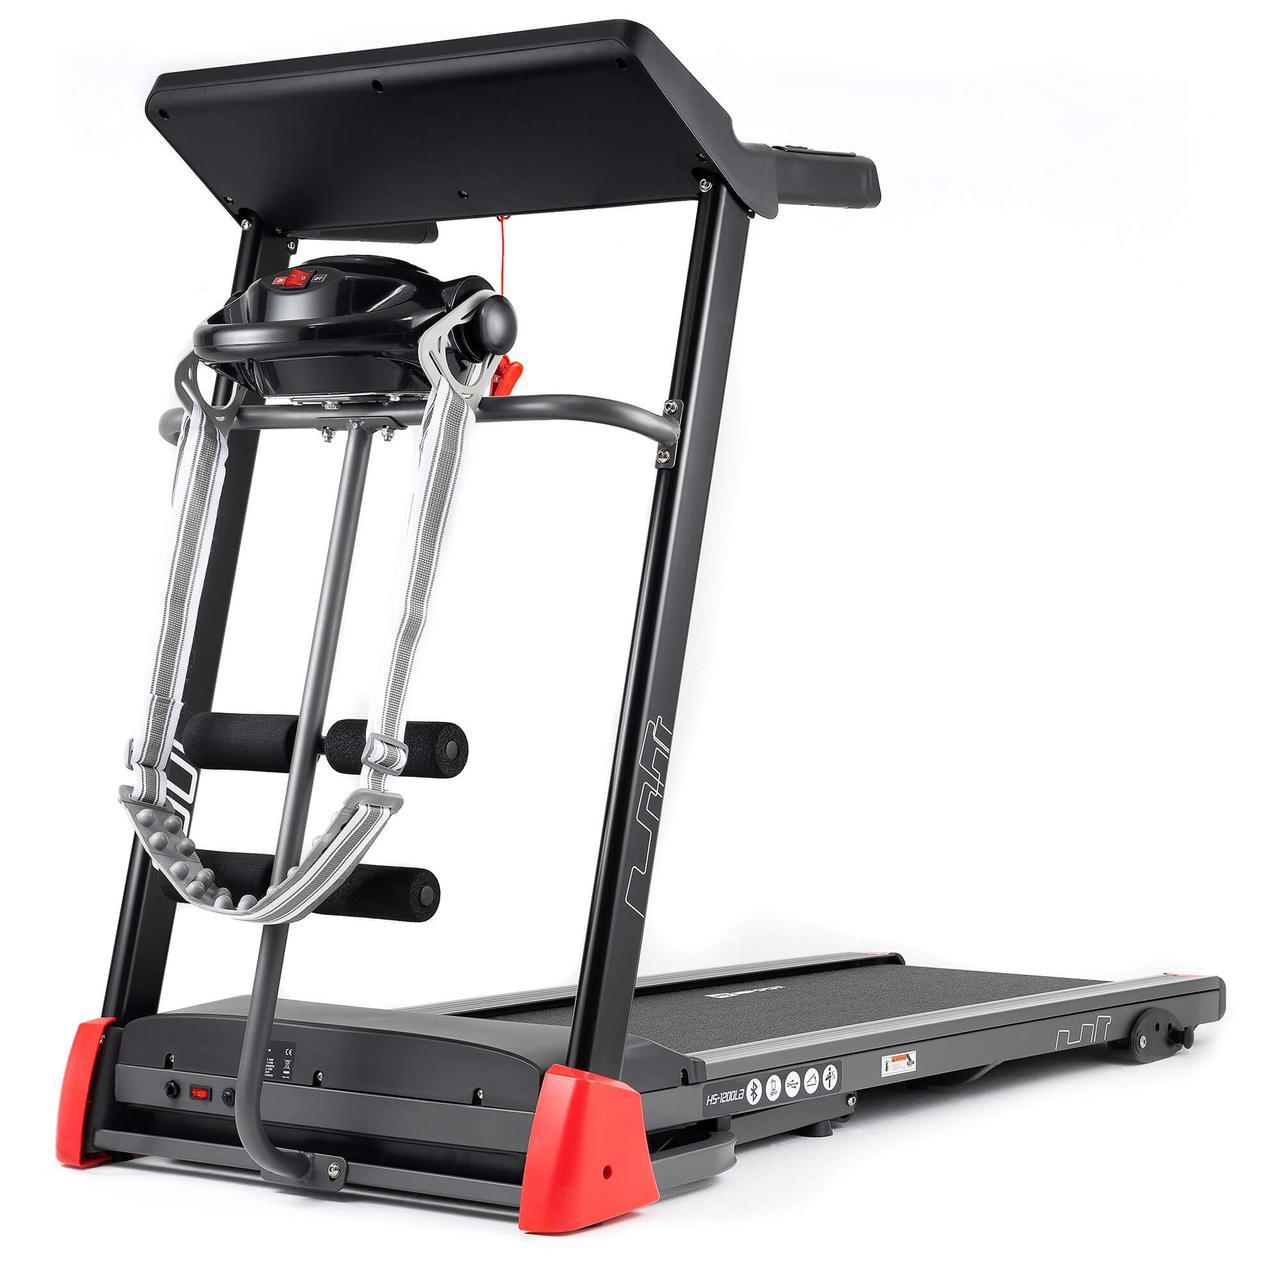 Беговая дорожка для дома с вибромассажером Hop-Sport HS-1200LB Soul до 130 кг электрическая черный